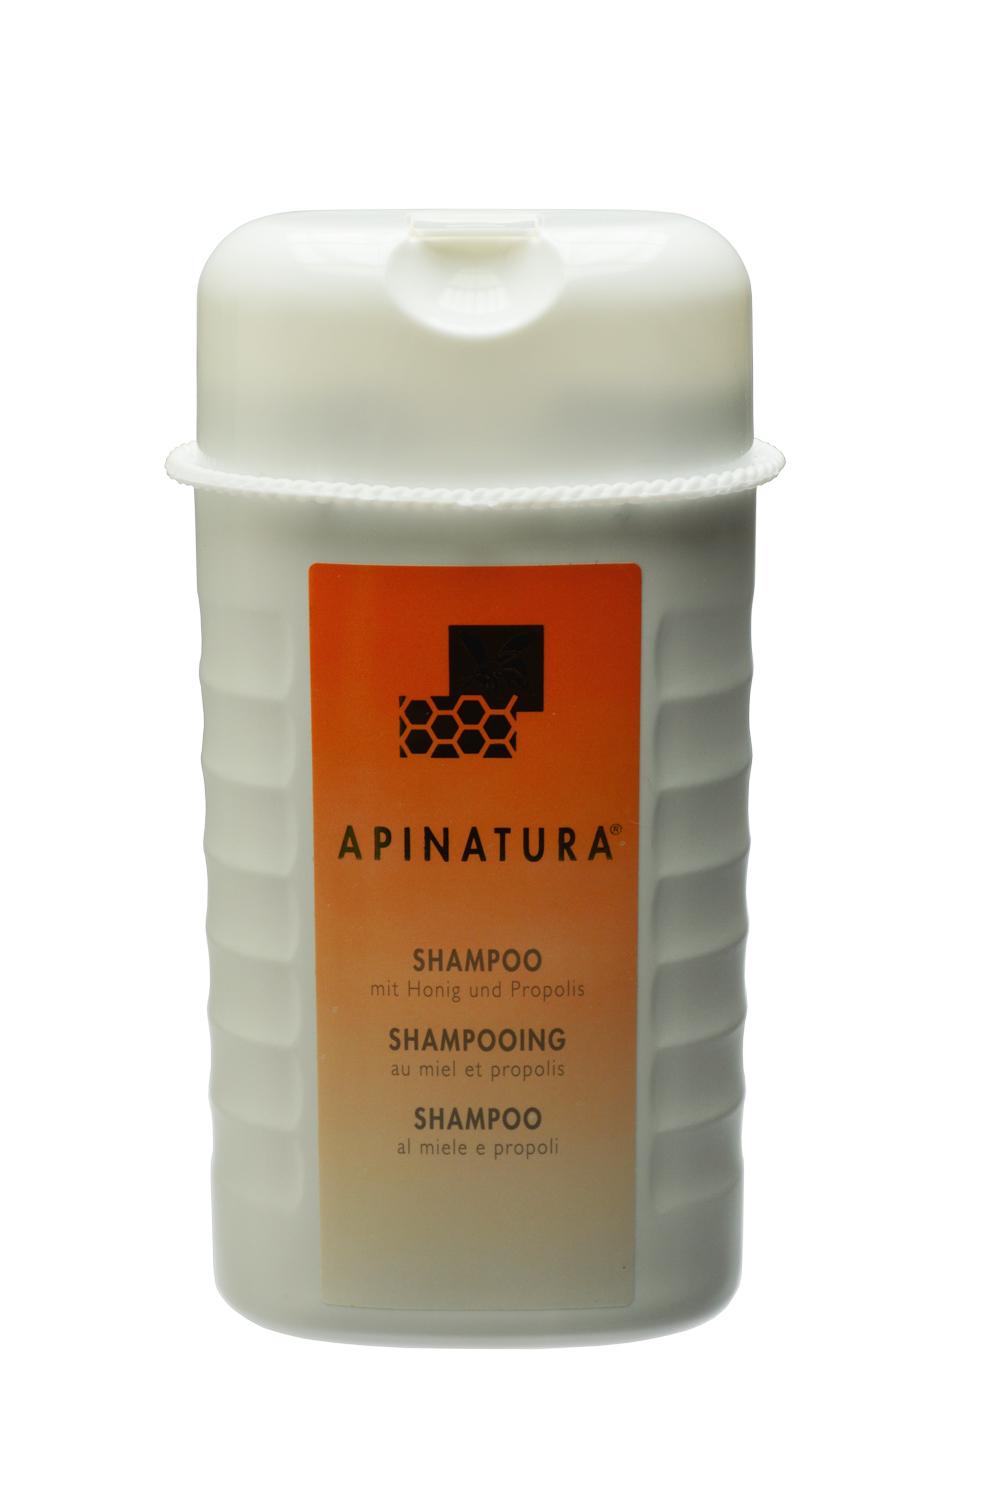 APINATURA Shampoo